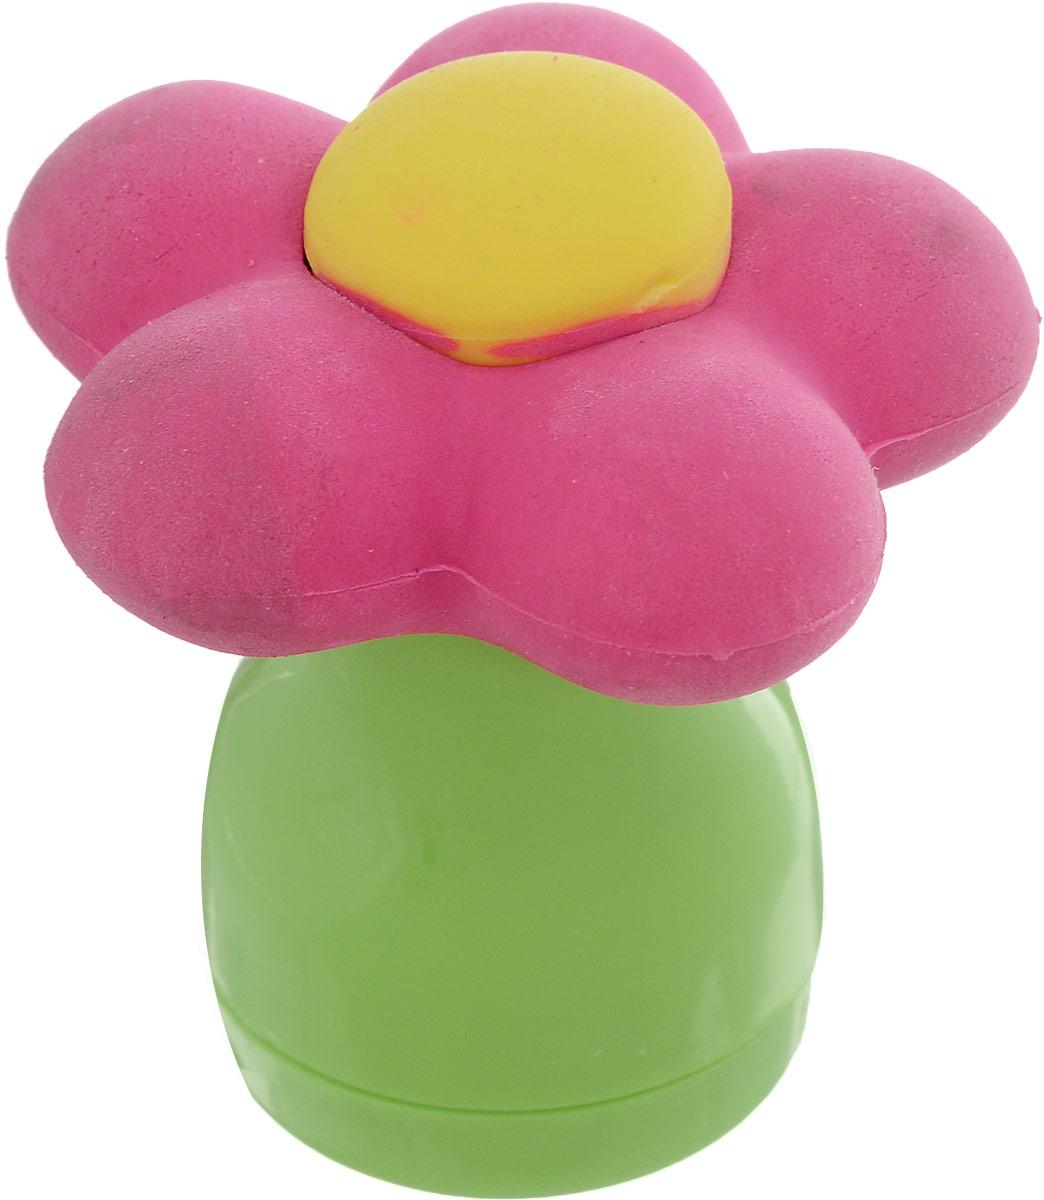 Brunnen Точилка Цветок с ластиком цвет красный зеленыйFS-36052Удобная точилка в пластиковом корпусе в виде цветка на толстой ножке, предназначена для затачивания карандашей. Острое стальное лезвие обеспечивает высококачественную и точную заточку. Карандаш затачивается легко и аккуратно, а опилки после заточки остаются в специальном контейнере. Точилка дополнена ластиком-цветком.